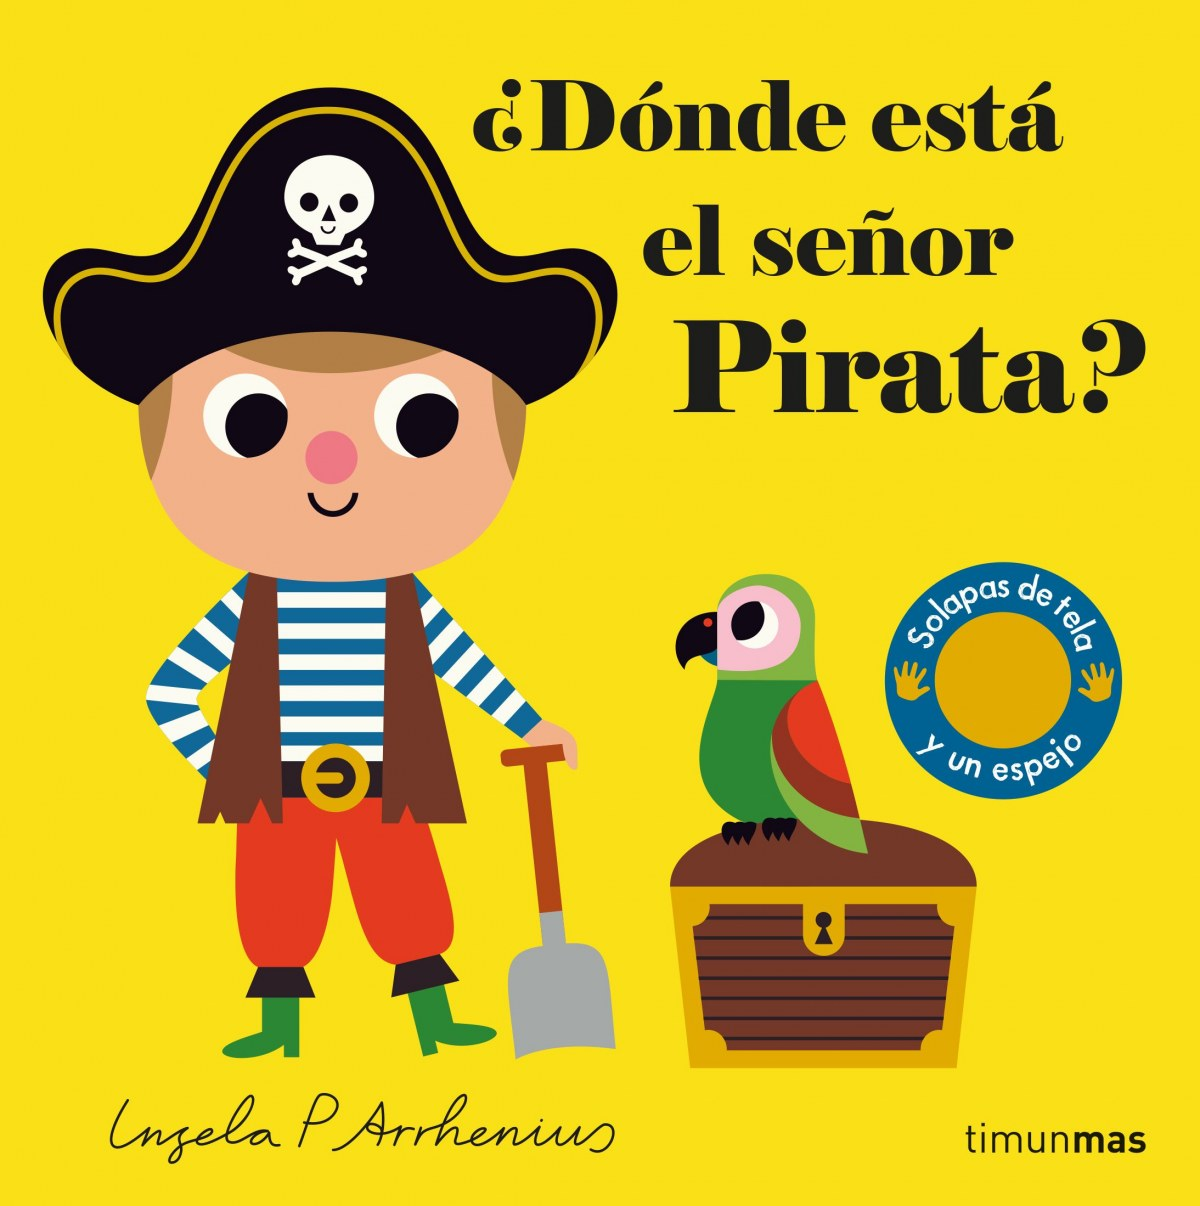 ¿Dónde está el señor Pirata